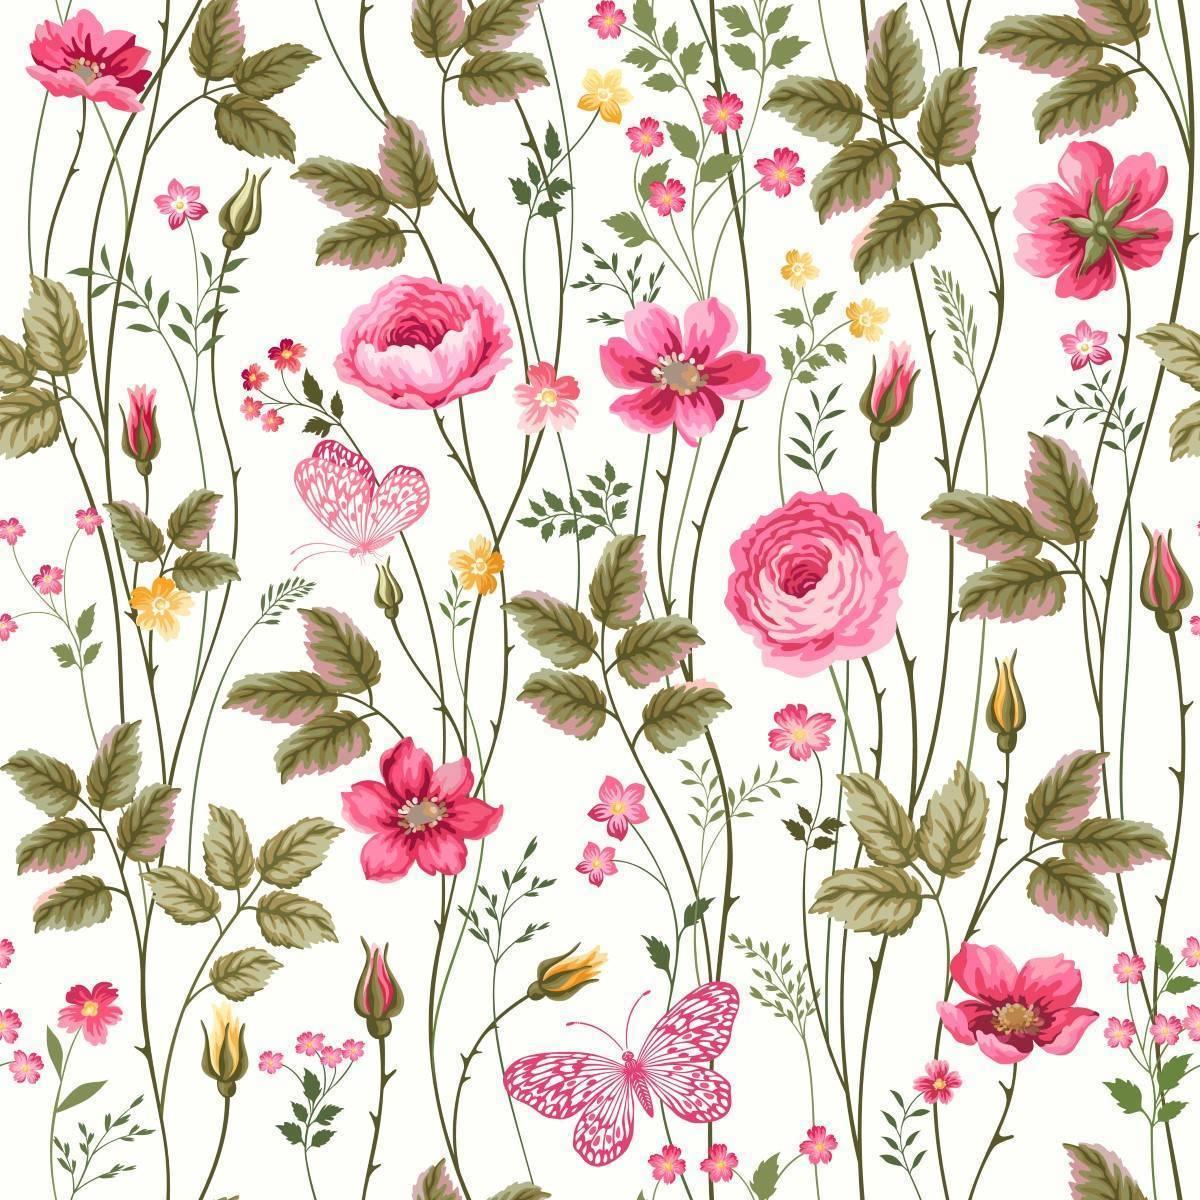 Papel de Parede Floral Rosas | Adesivo Vinílico imagem 1